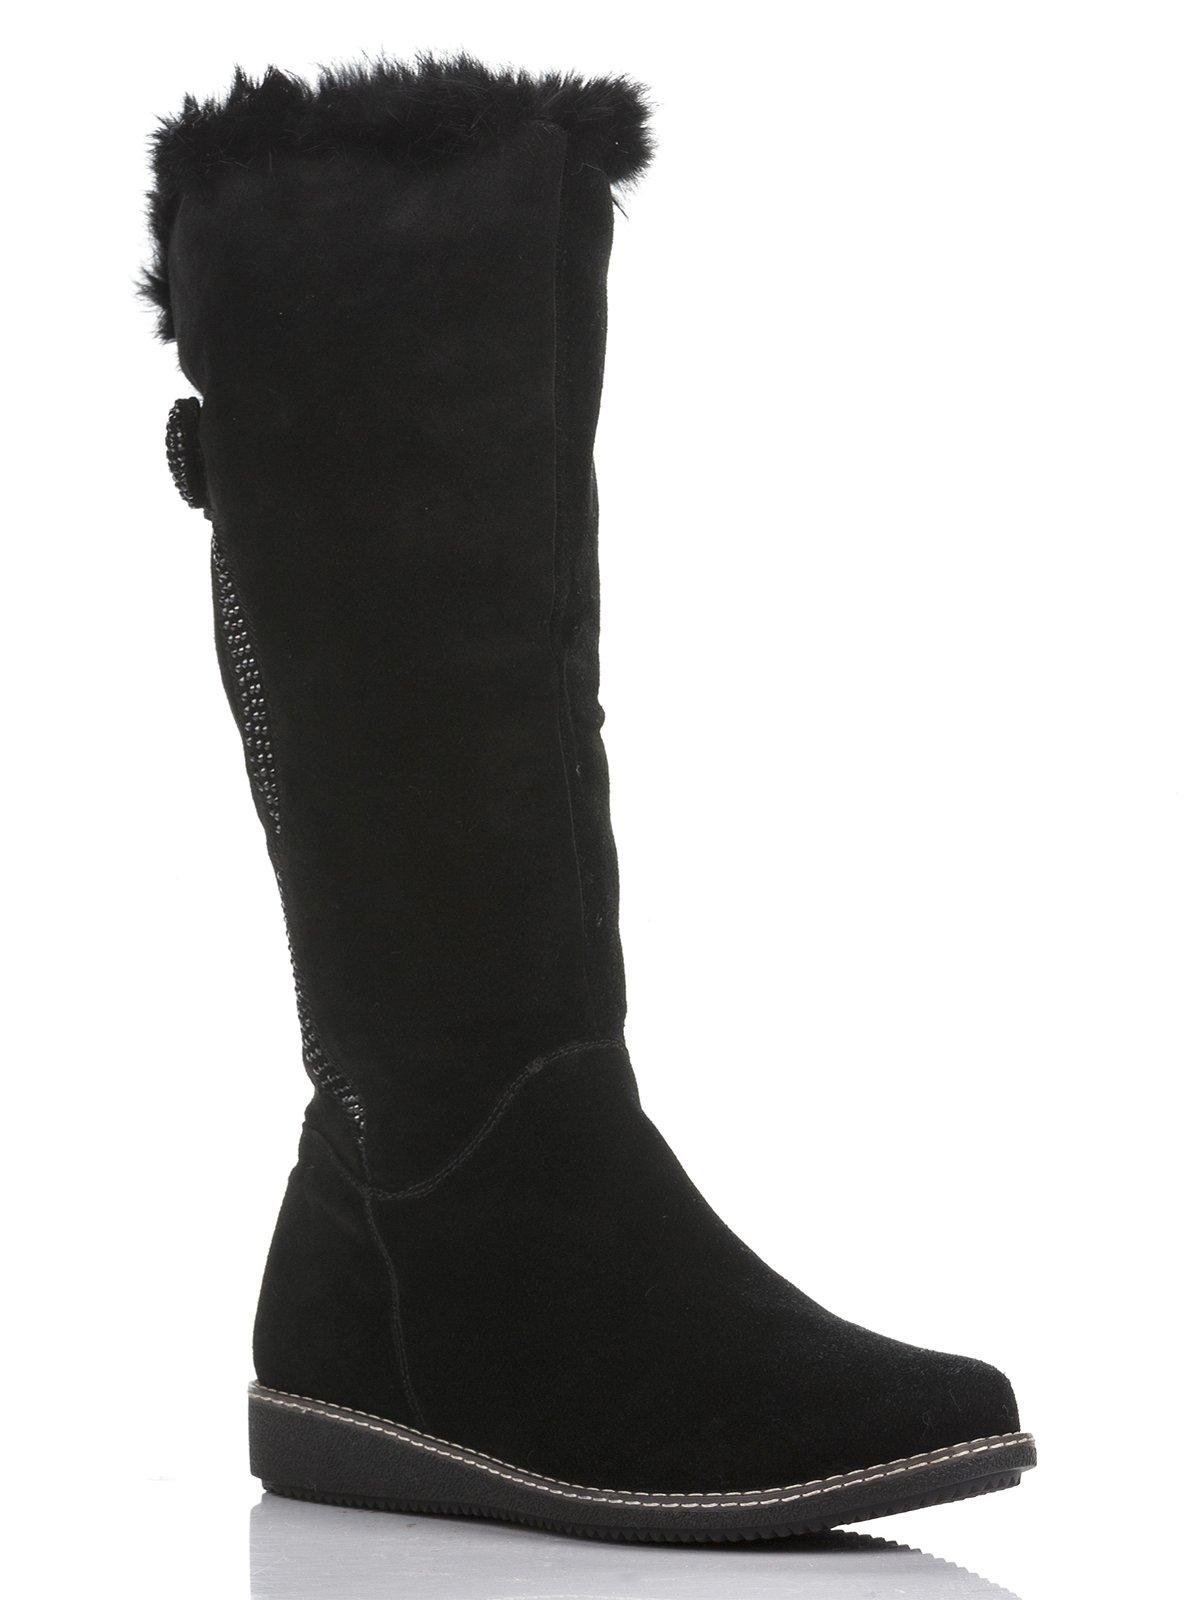 Сапоги черные декорированные | 804750